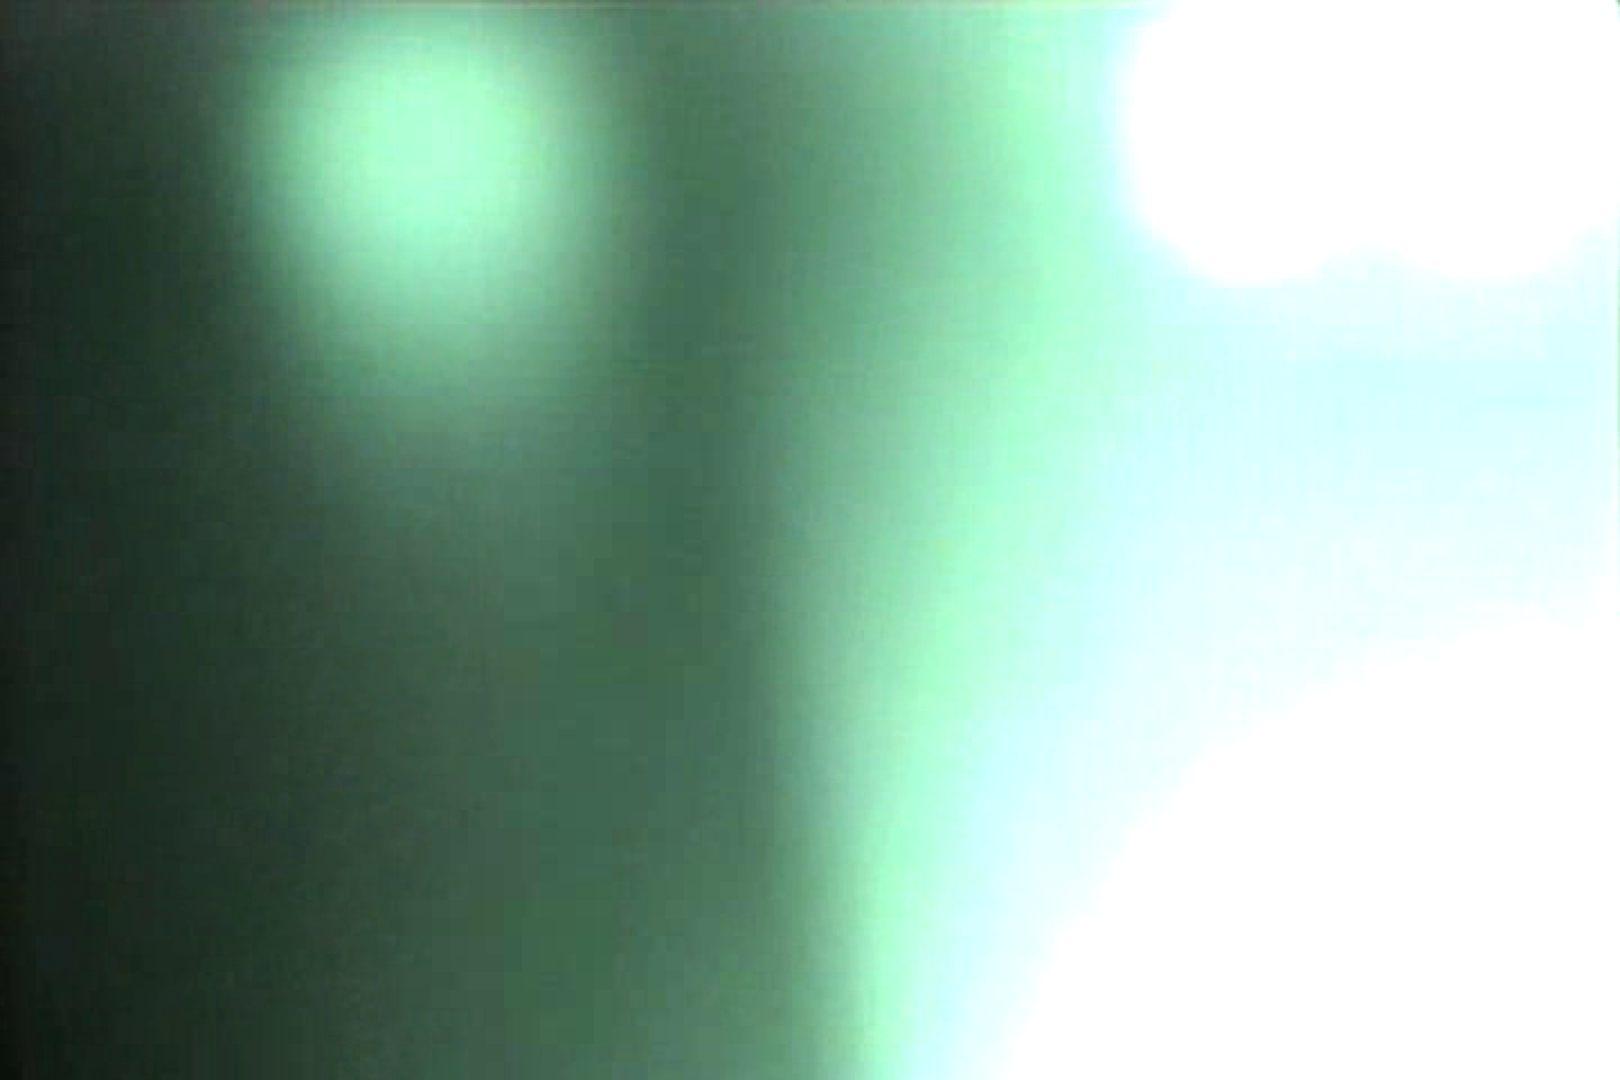 蔵出し!!赤外線カーセックスVol.2 望遠   OLの実態  101pic 6